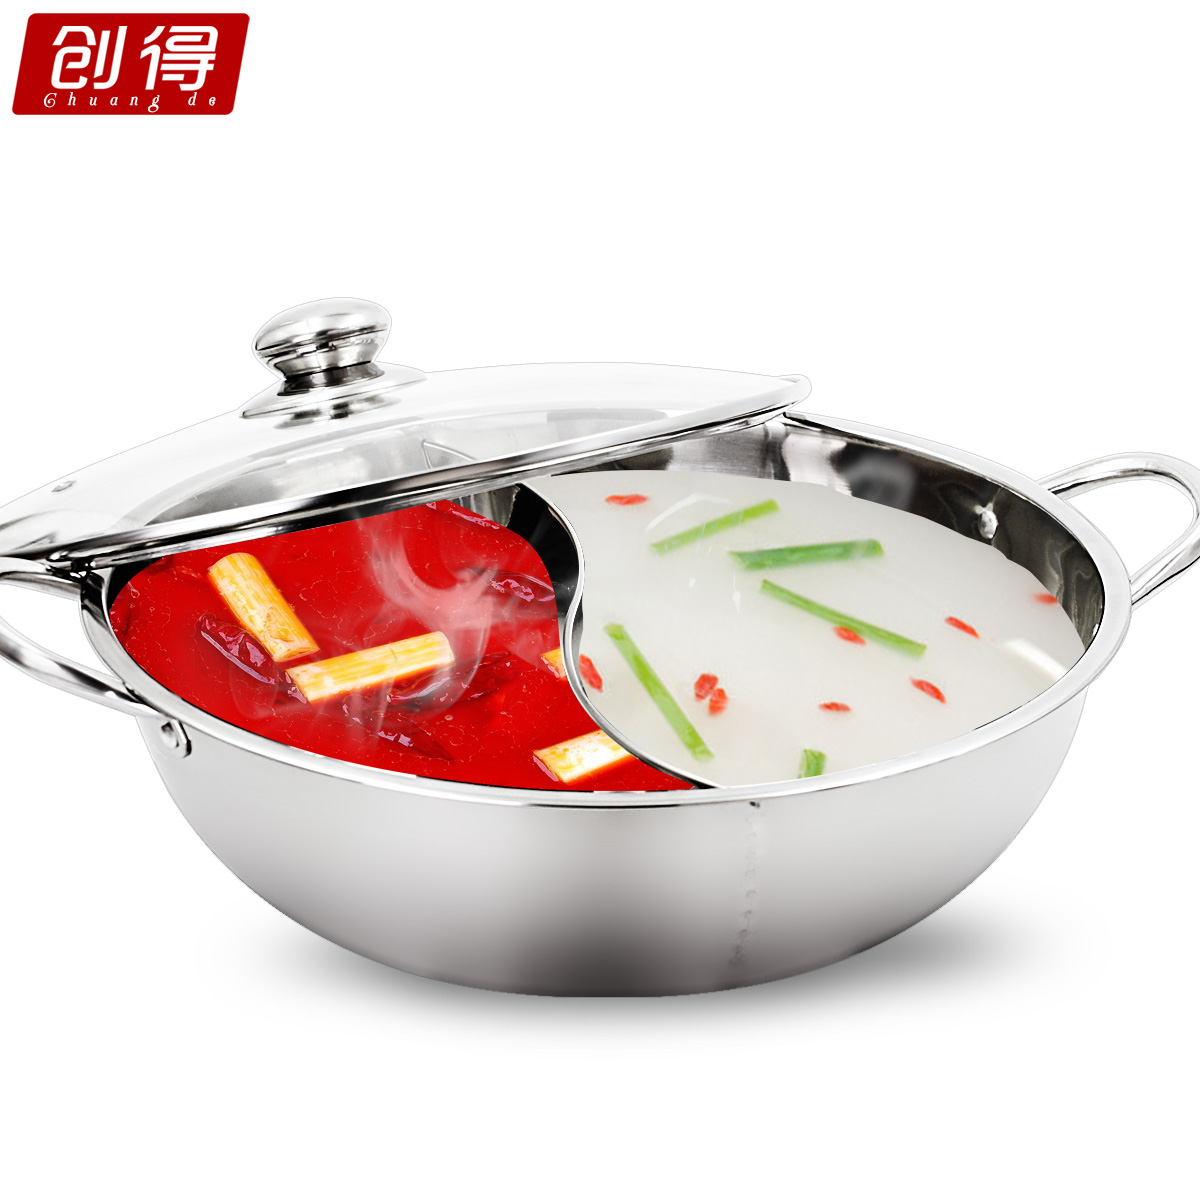 創得加厚鴛鴦鍋火鍋電磁爐鍋不鏽鋼火鍋盆家用火鍋鍋鴛鴦鍋清湯鍋